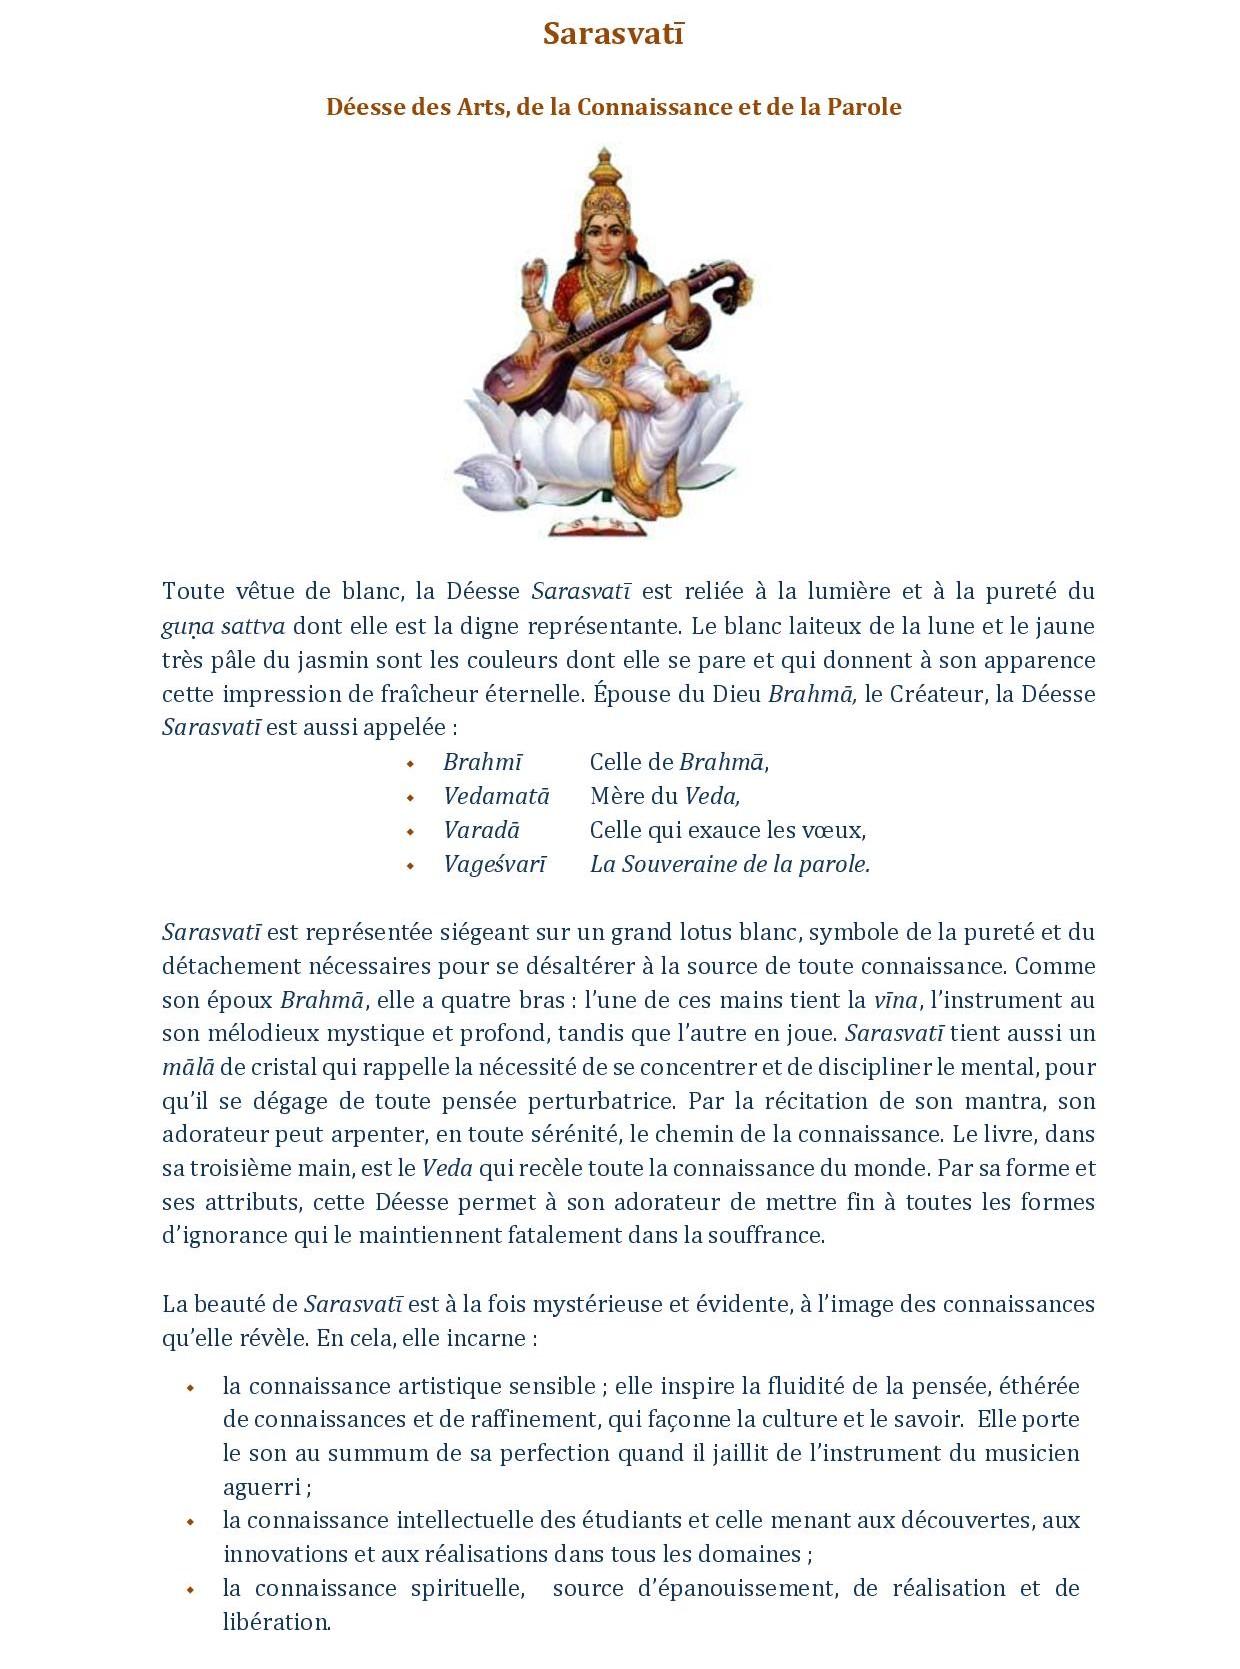 DESCRIPTIF SARASVATI ET VASANT PANCAMI SITE-page-001